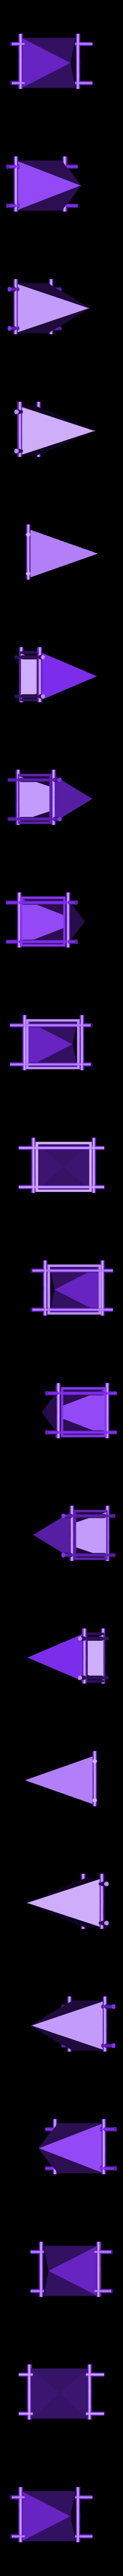 hopper1.stl Télécharger fichier STL gratuit Le moulin • Design pour imprimante 3D, Earsling